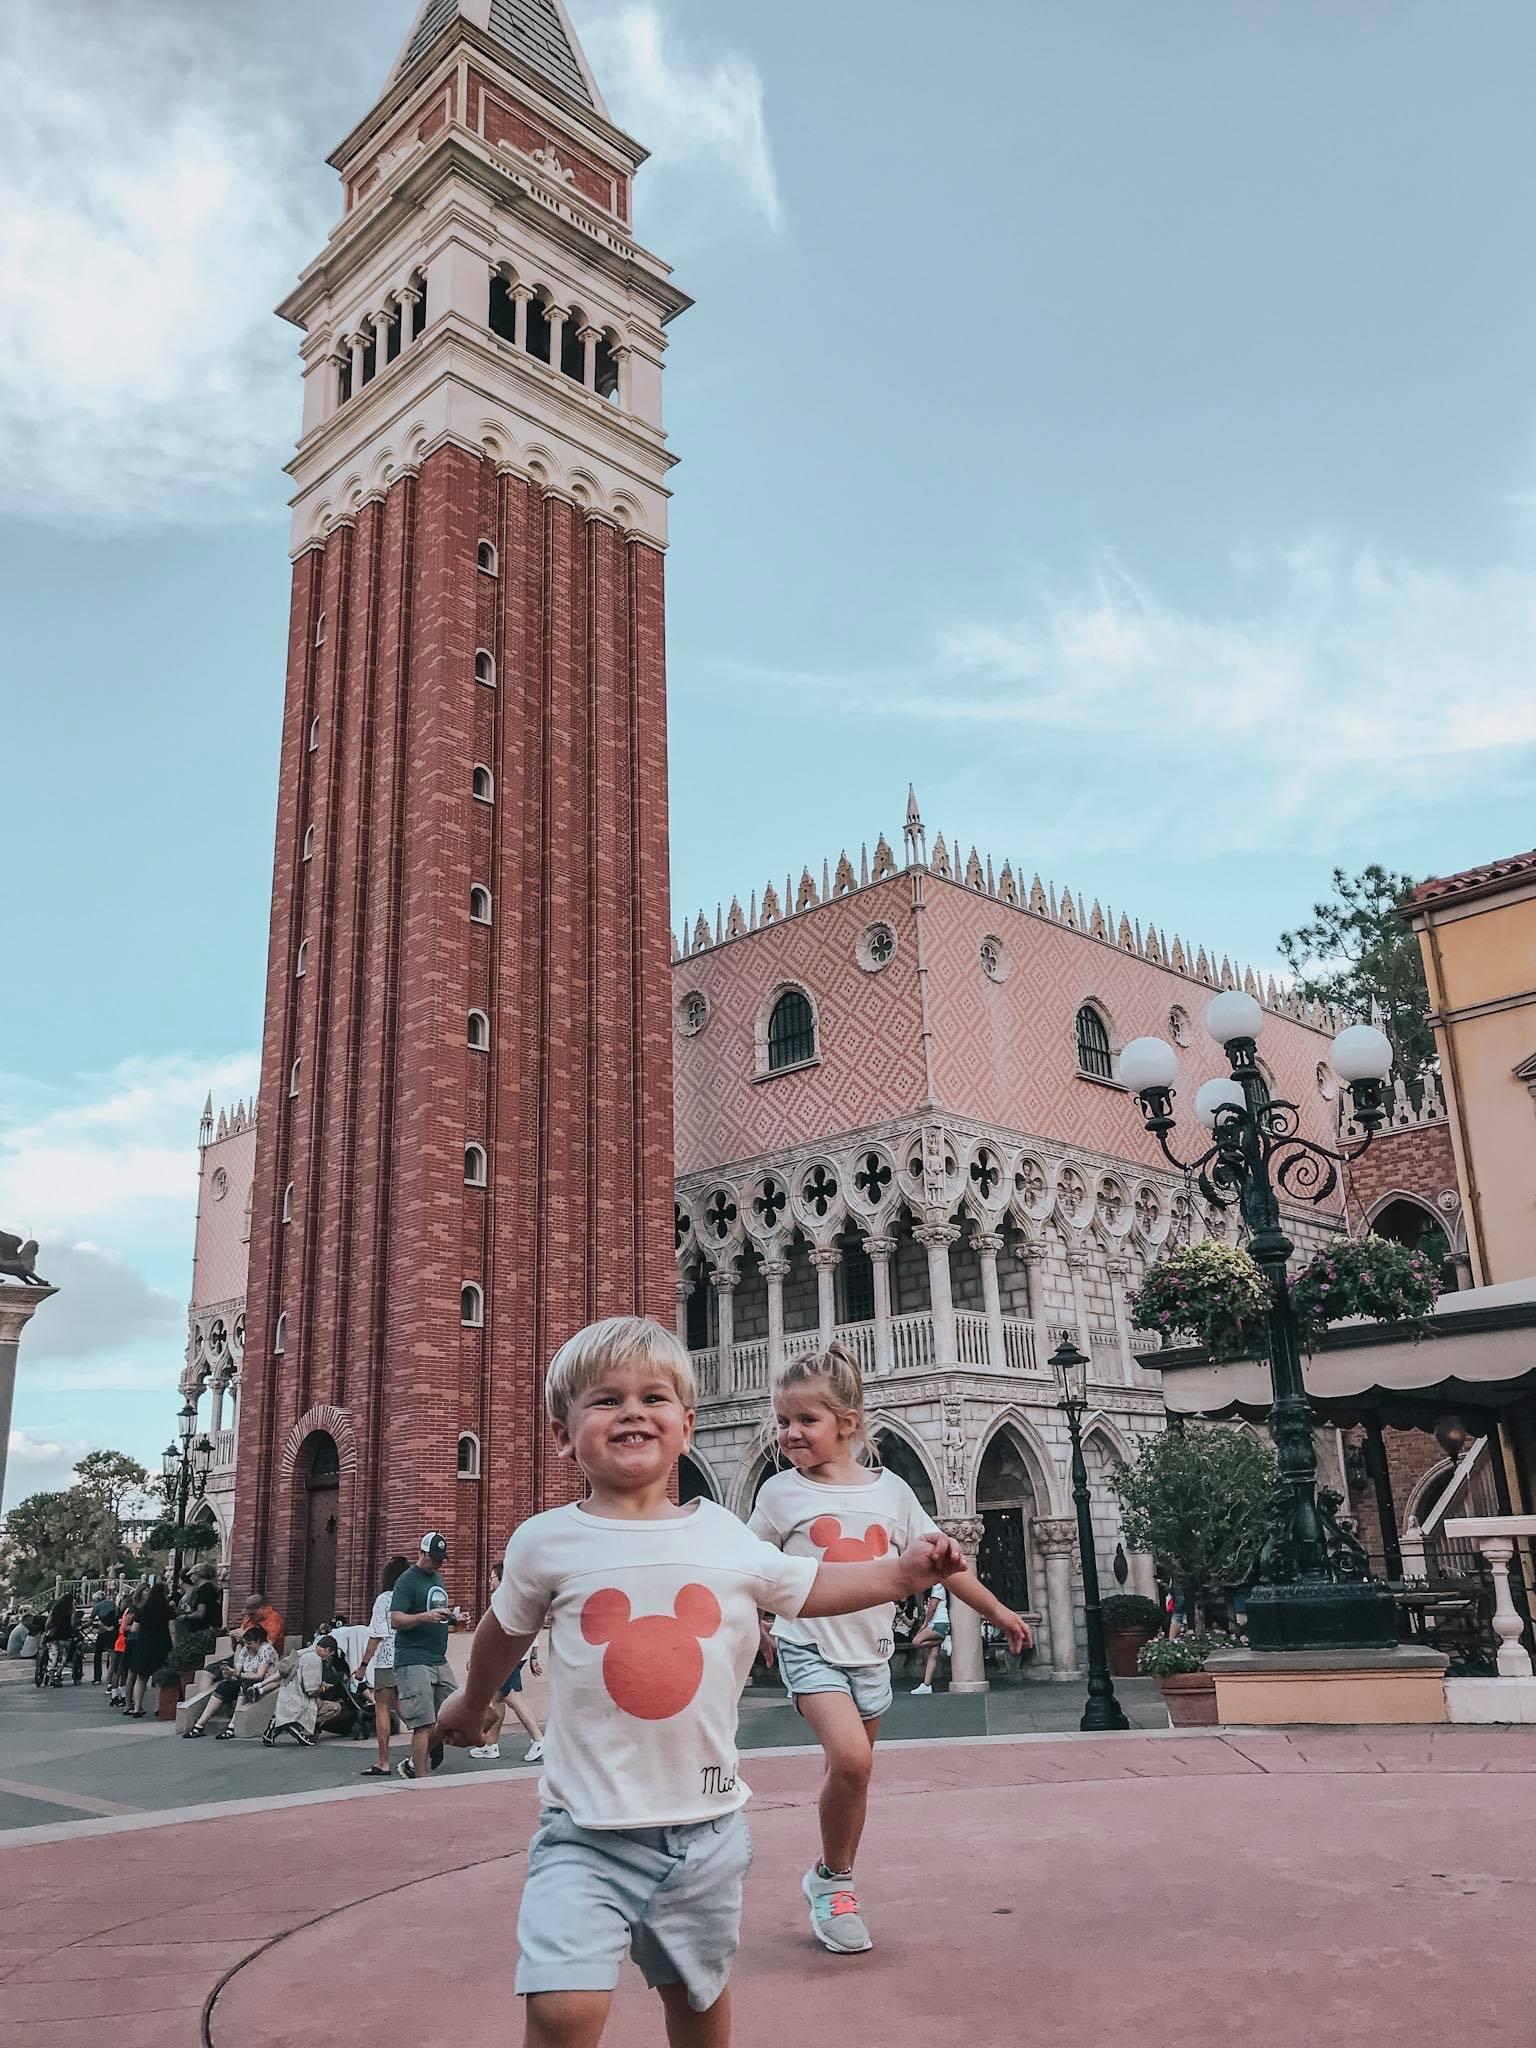 Epcot'S Italy